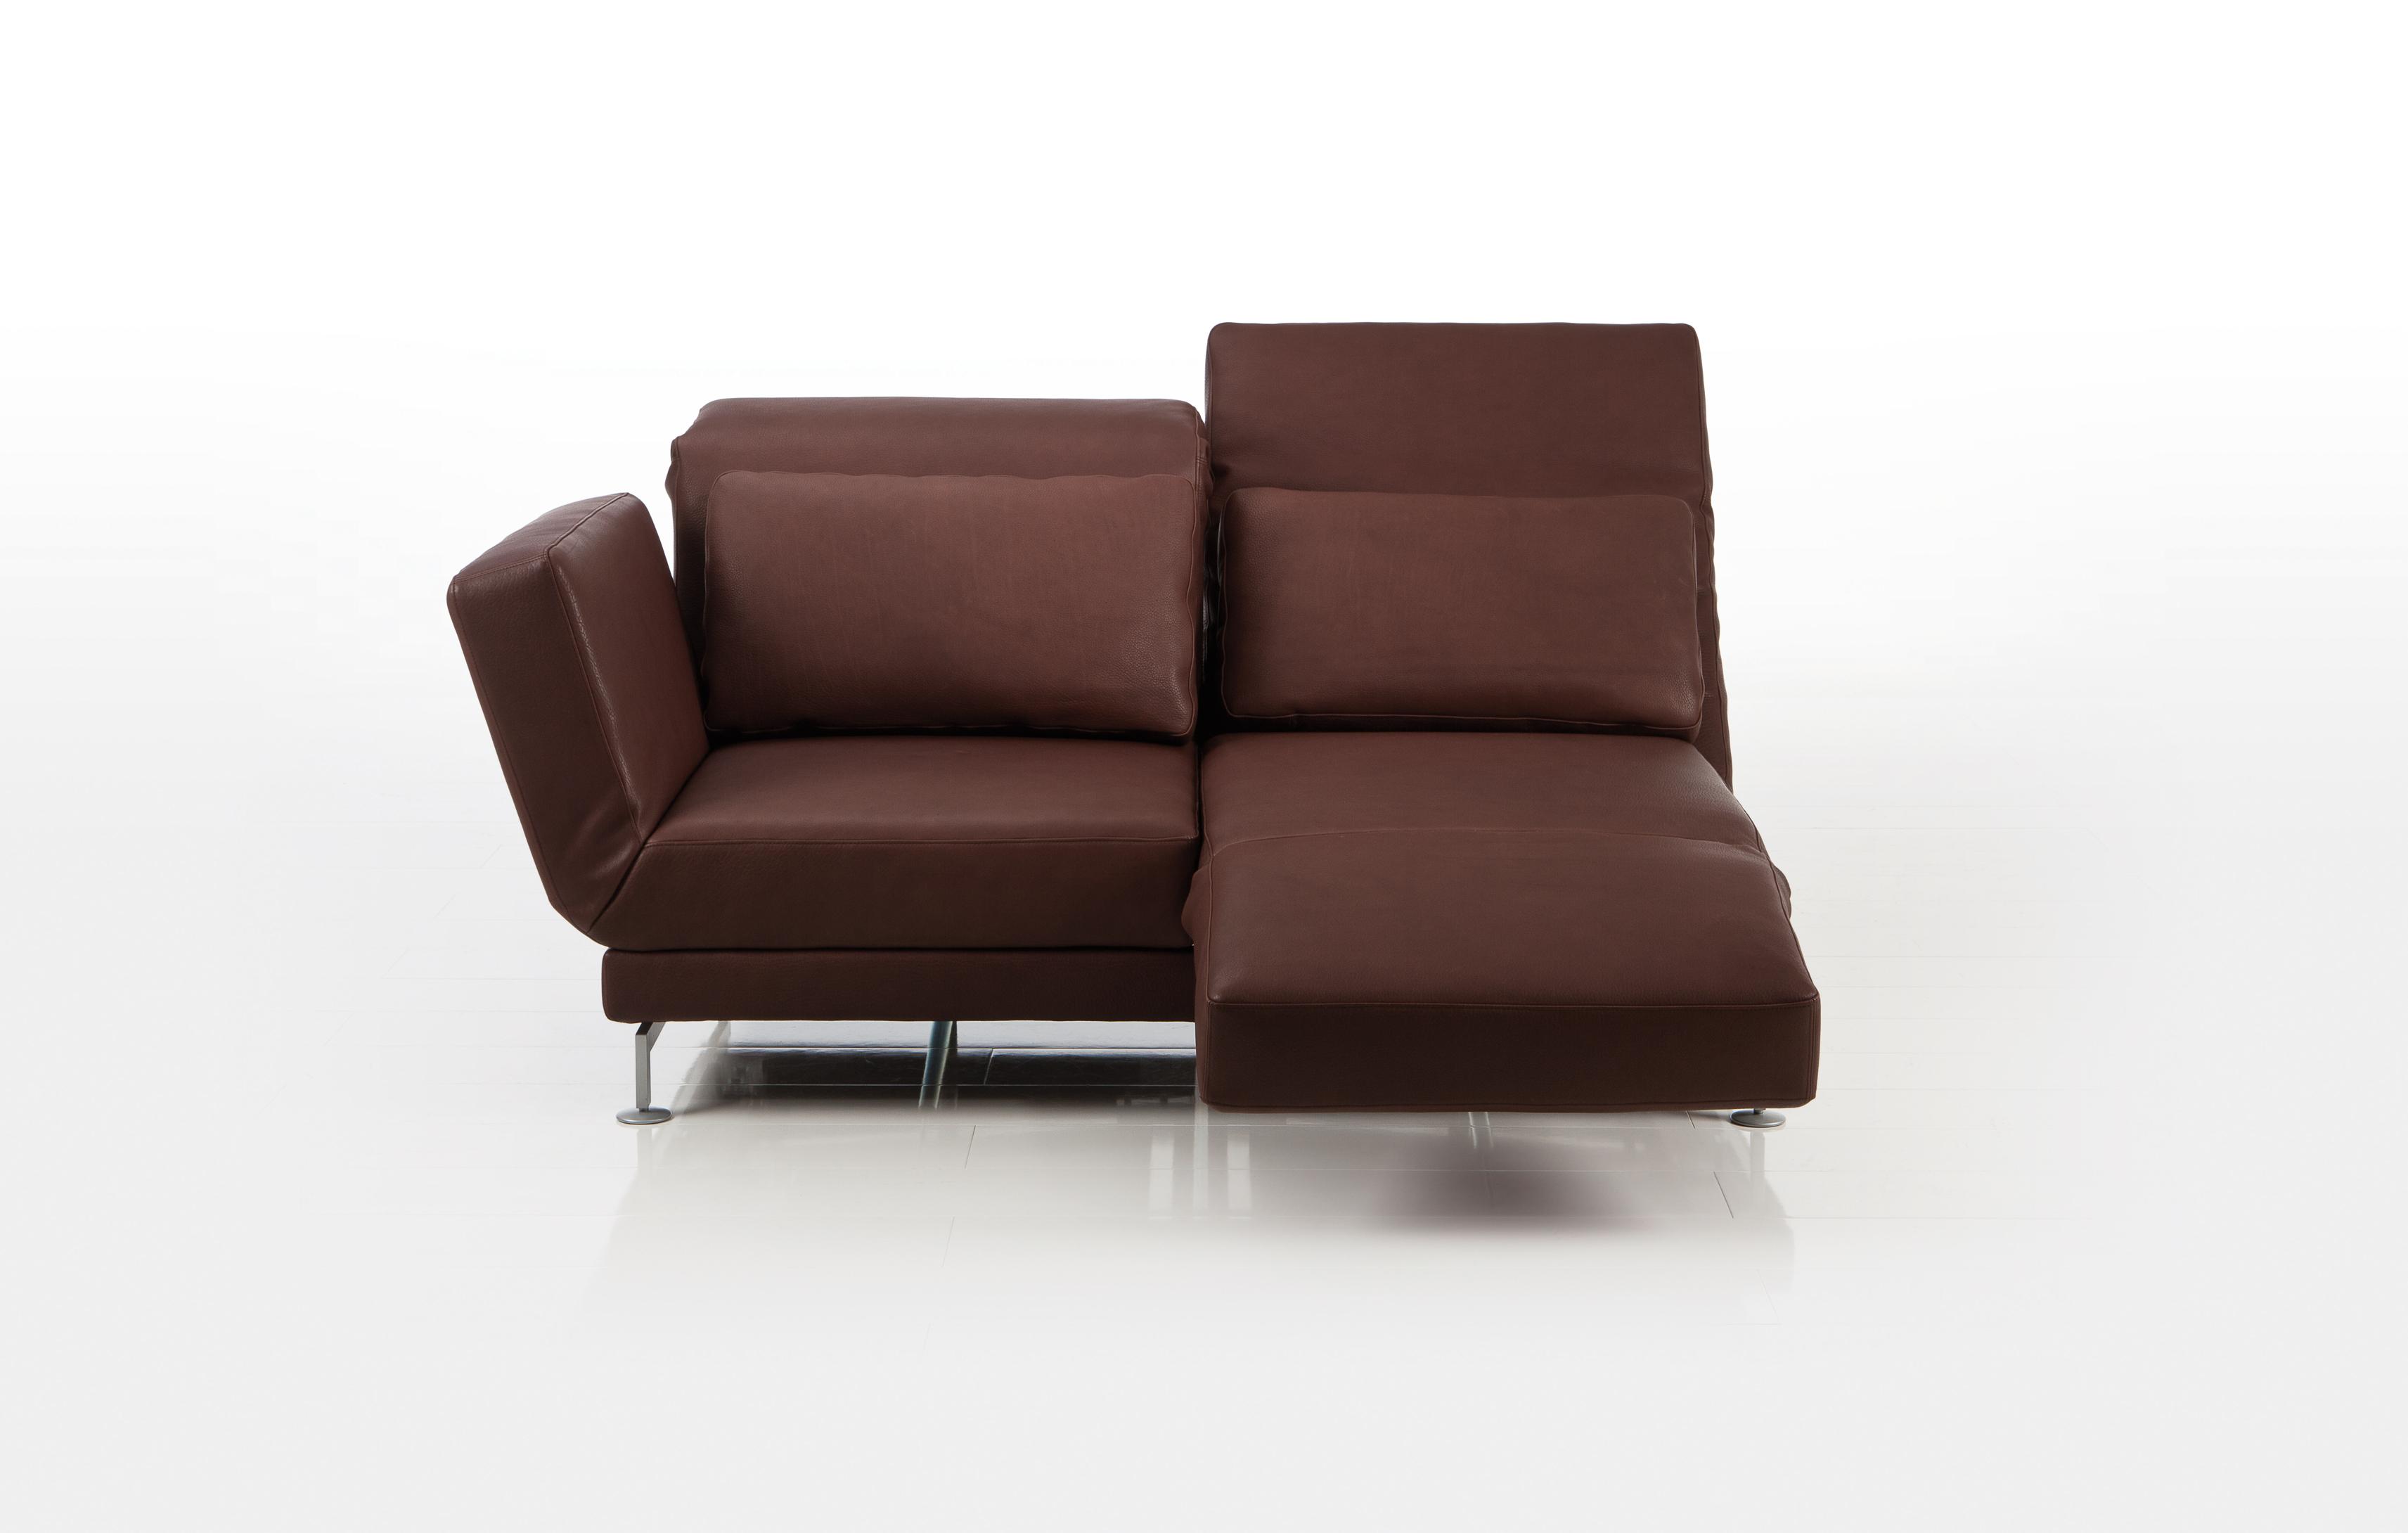 schlafsofa moule von br hl sippold. Black Bedroom Furniture Sets. Home Design Ideas